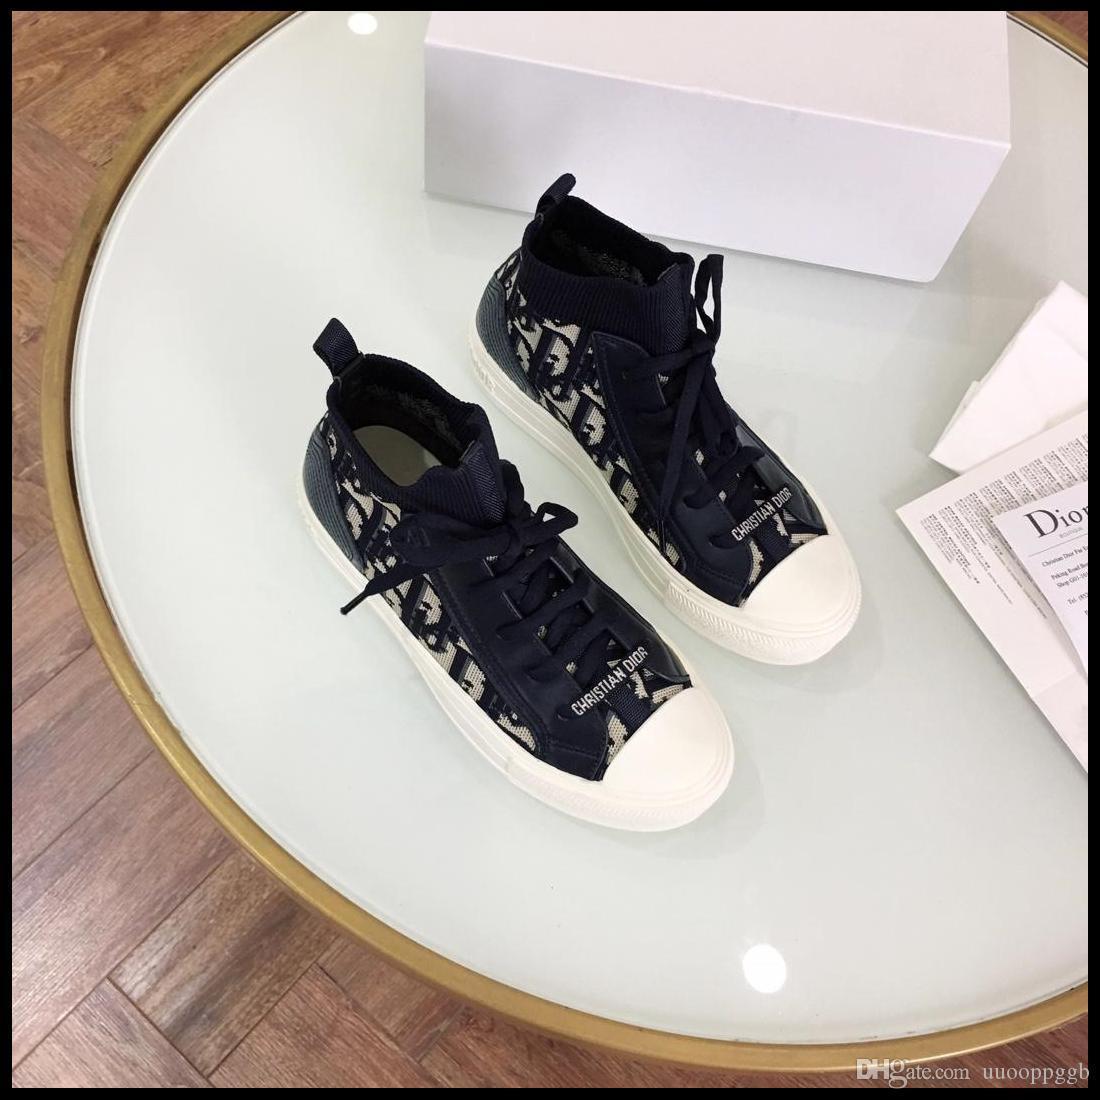 2020T nuove signore casuali i pattini del partito signore di modo calza di viaggio, high-top scarpe stringate consegna veloce confezione scatola originale